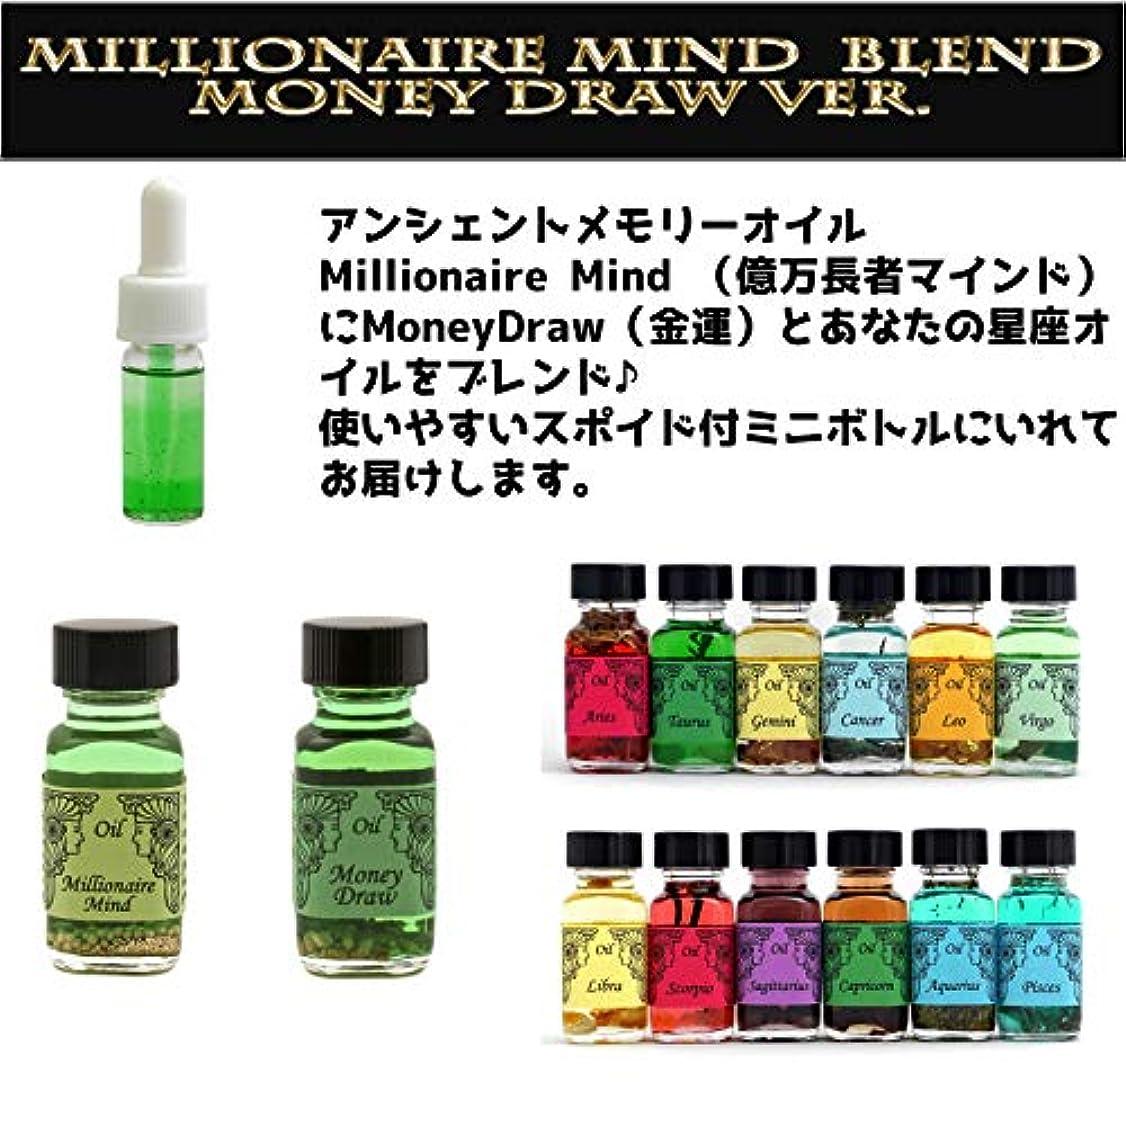 エピソードキルス代わってアンシェントメモリーオイル Millionaire Mind 億万長者マインド ブレンド(Money Drawマネードロー(金運)&てんびん座